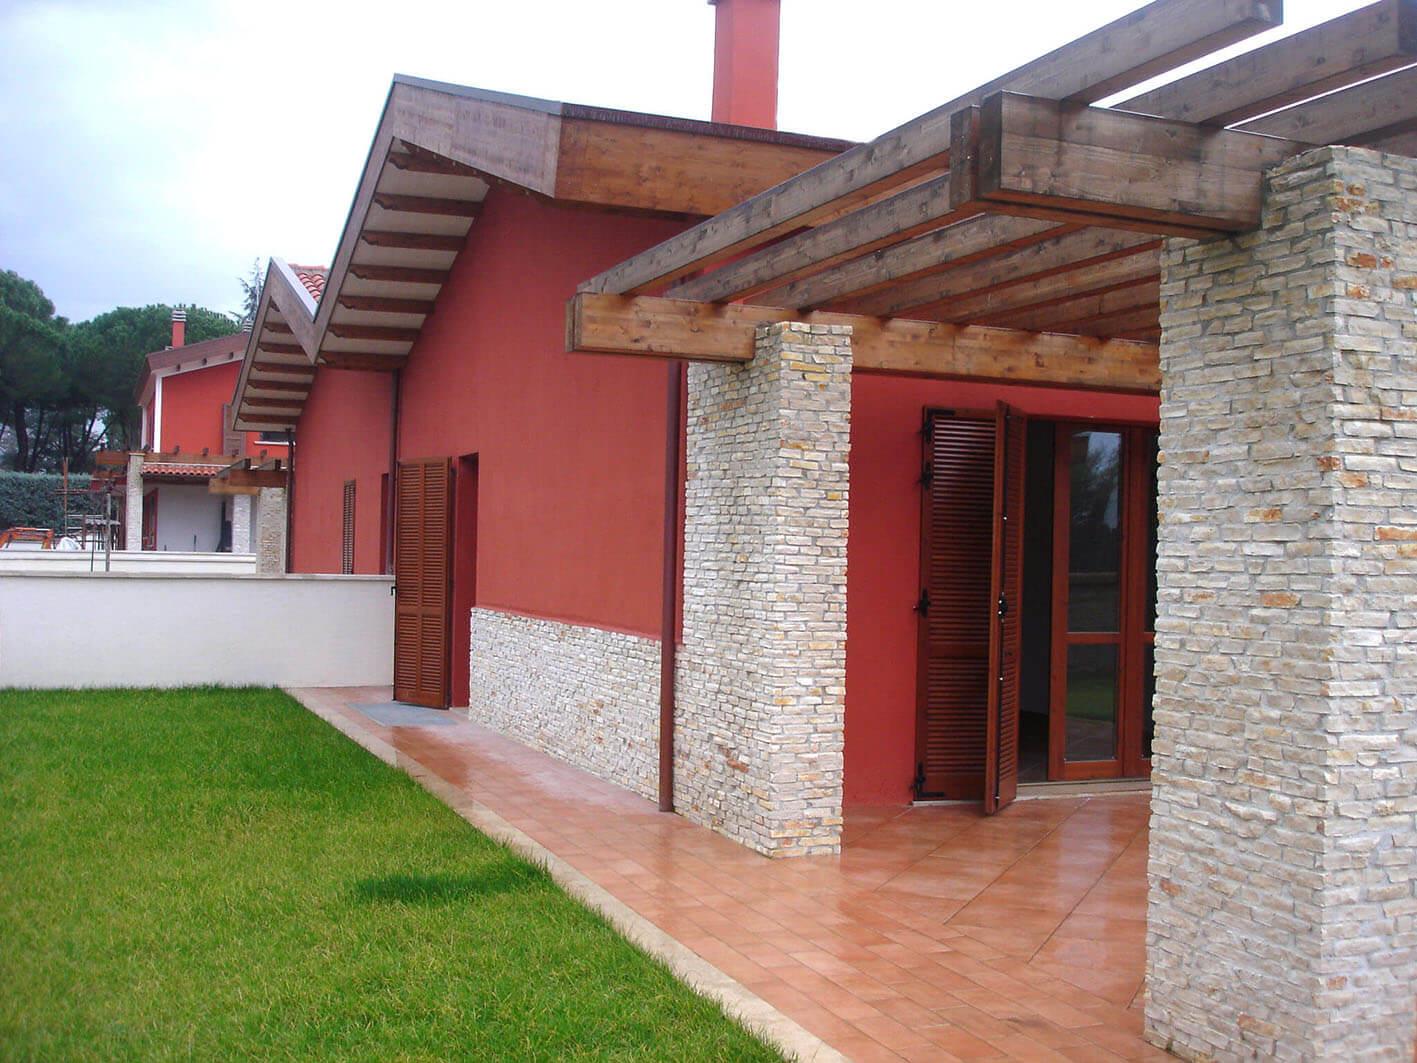 Aldobrandeschi - nuove costruzioni 3 (1)